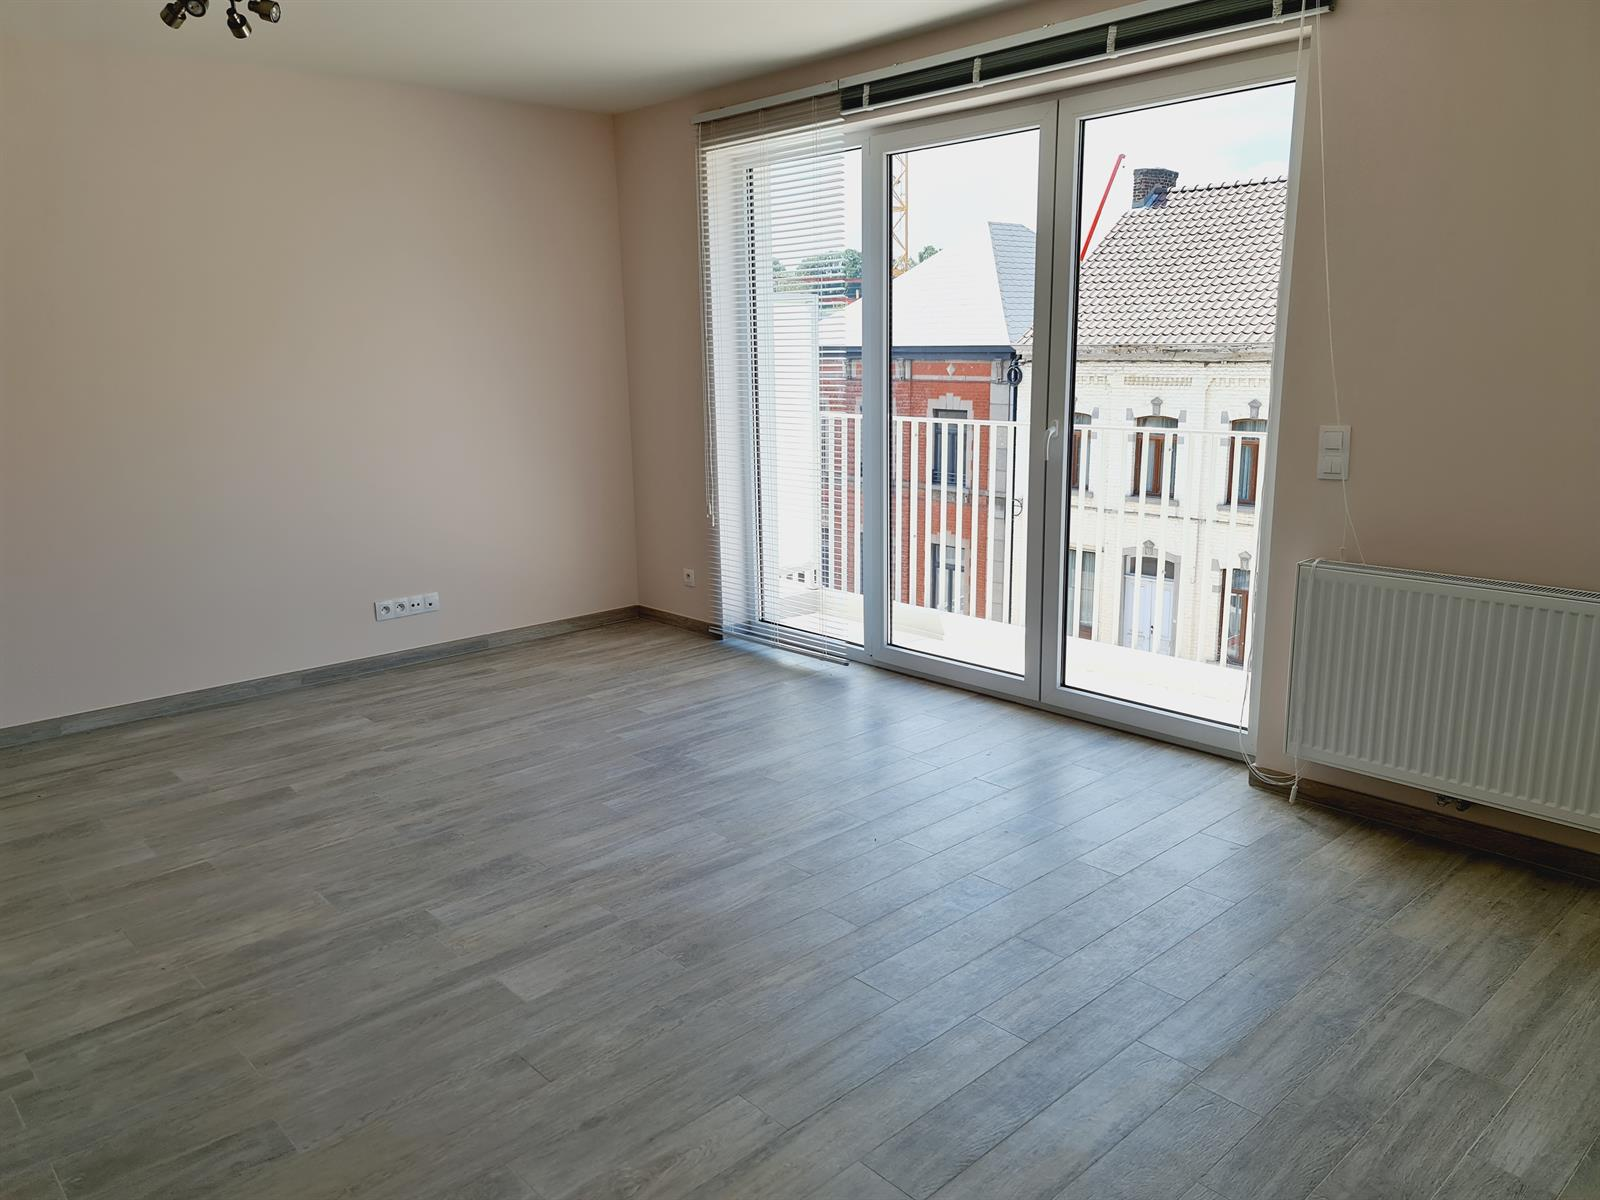 Appartement - Court-St.-Etienne - #4395992-5